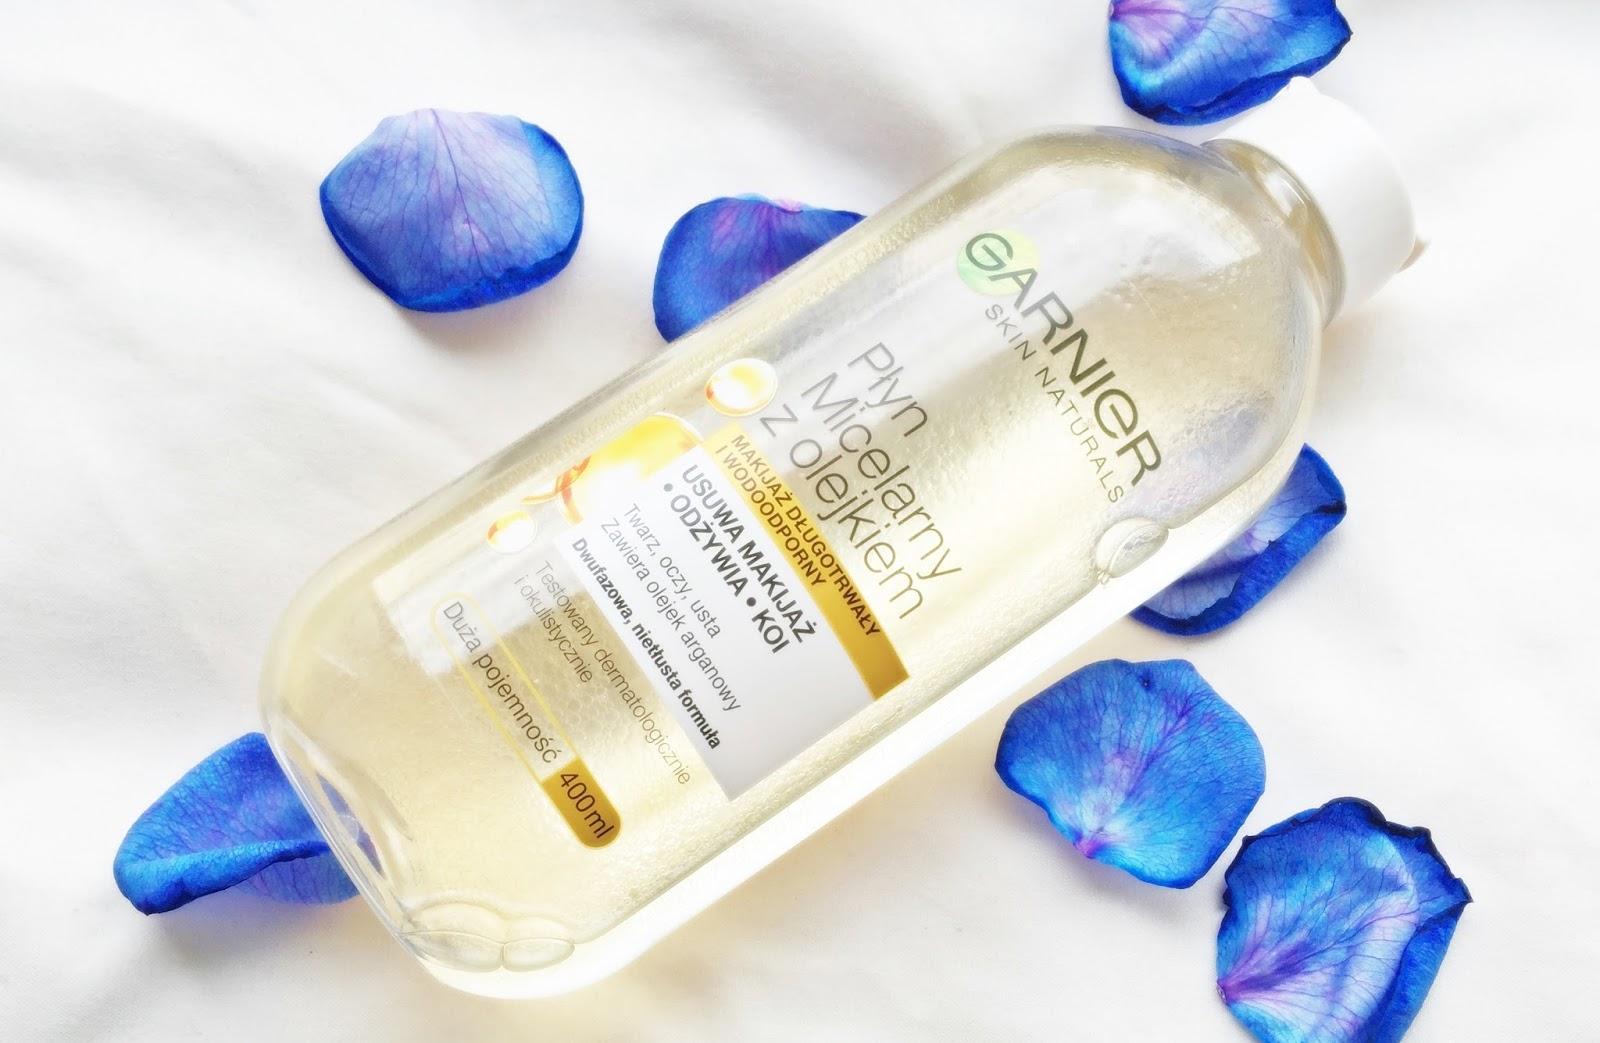 Płyn micelarny z olejkiem Garnier, olejek arganowy beautypediapatt